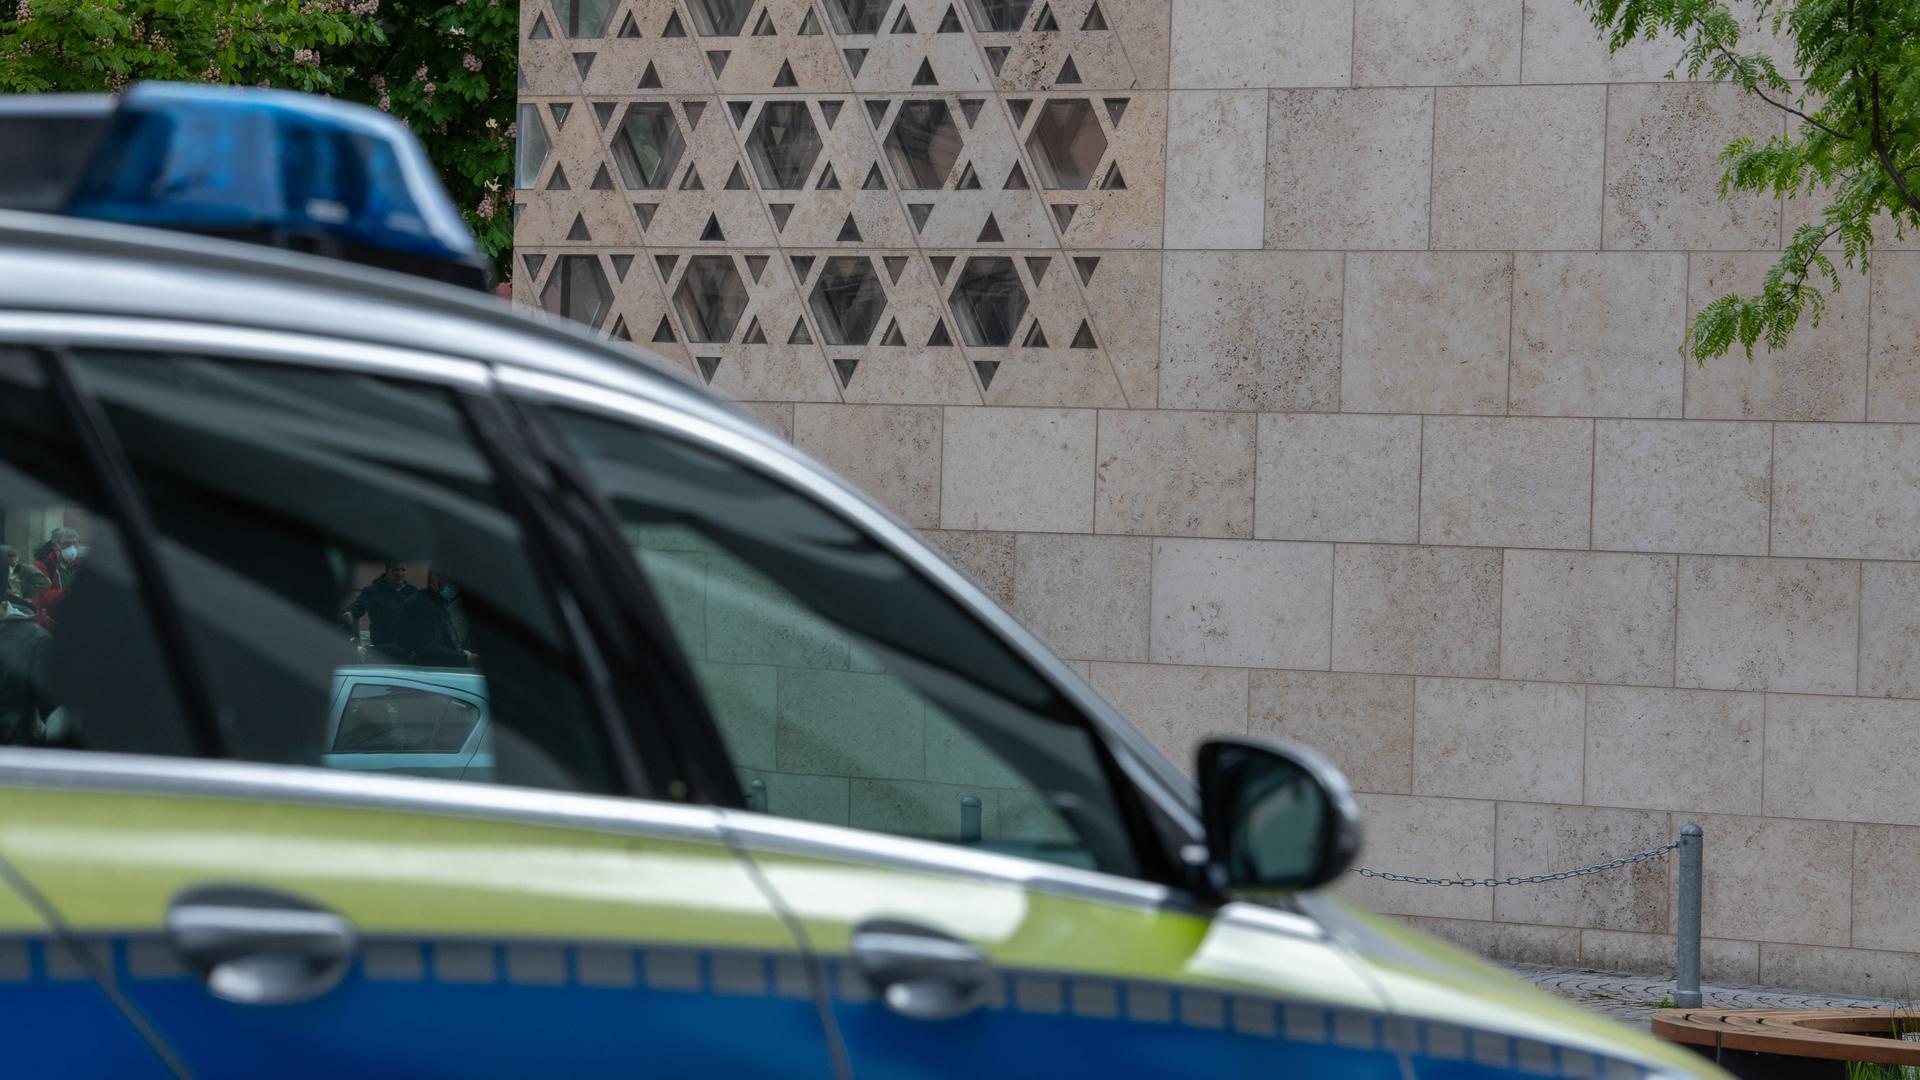 Auch Antisemitismusbeauftragter Michael Blume betonte die gute Arbeit der Polizei nach dem Brandanschlag in Ulm.